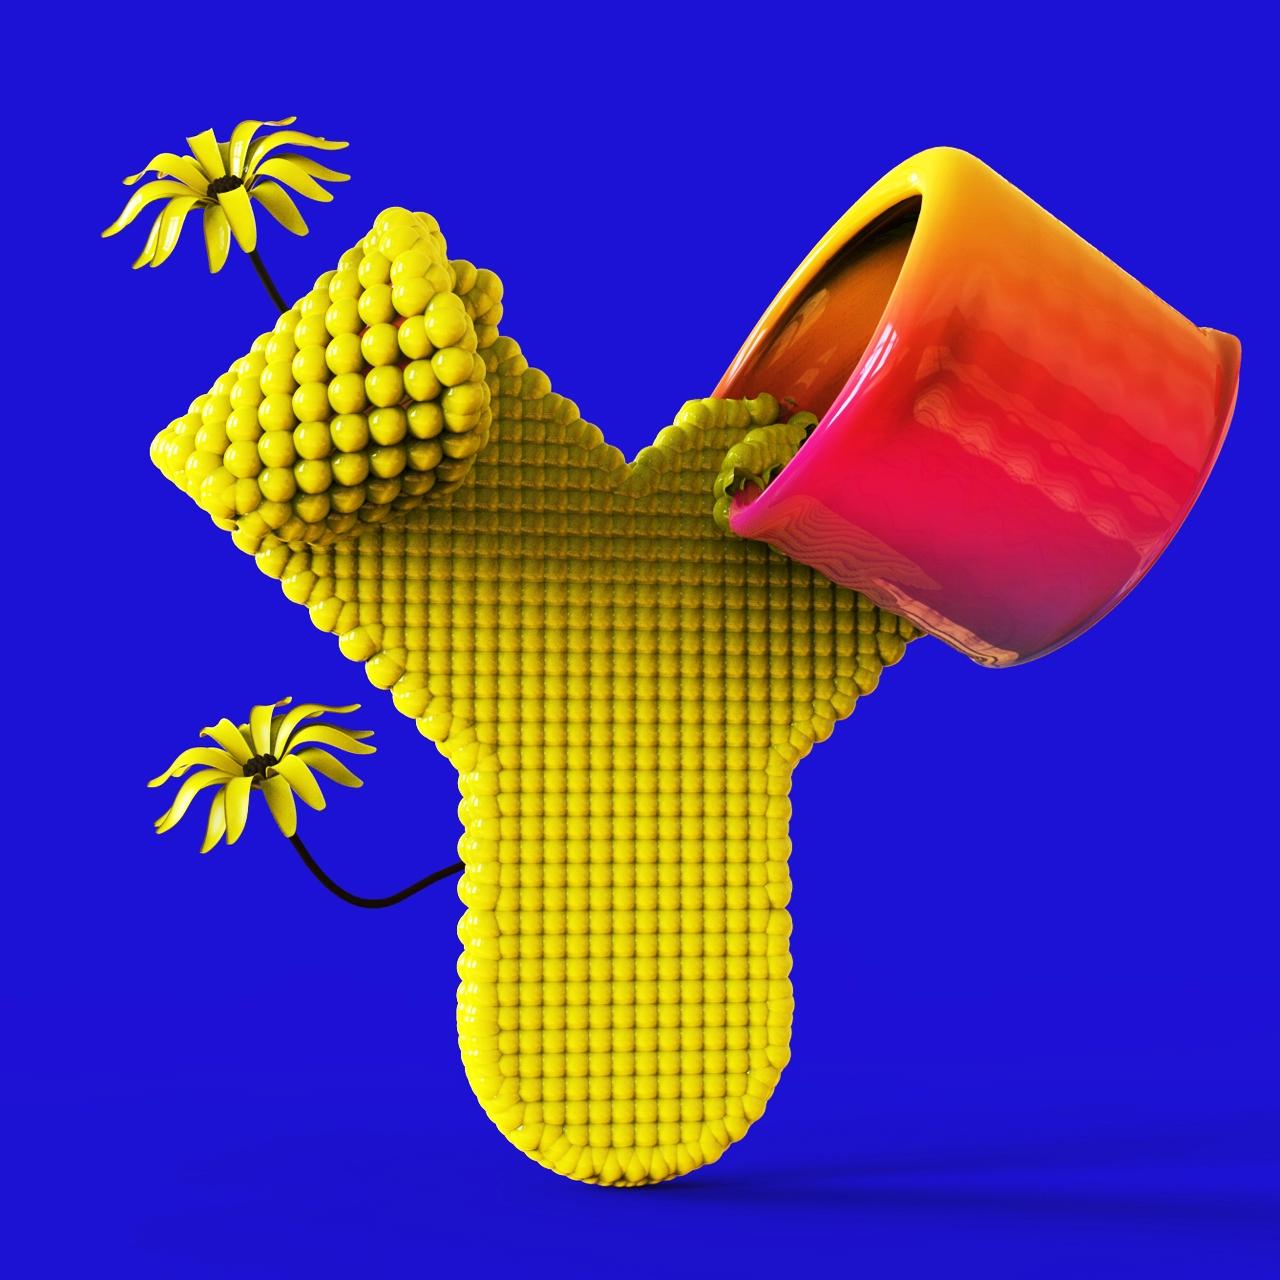 yellow - 36days_Y, ello - spartos | ello